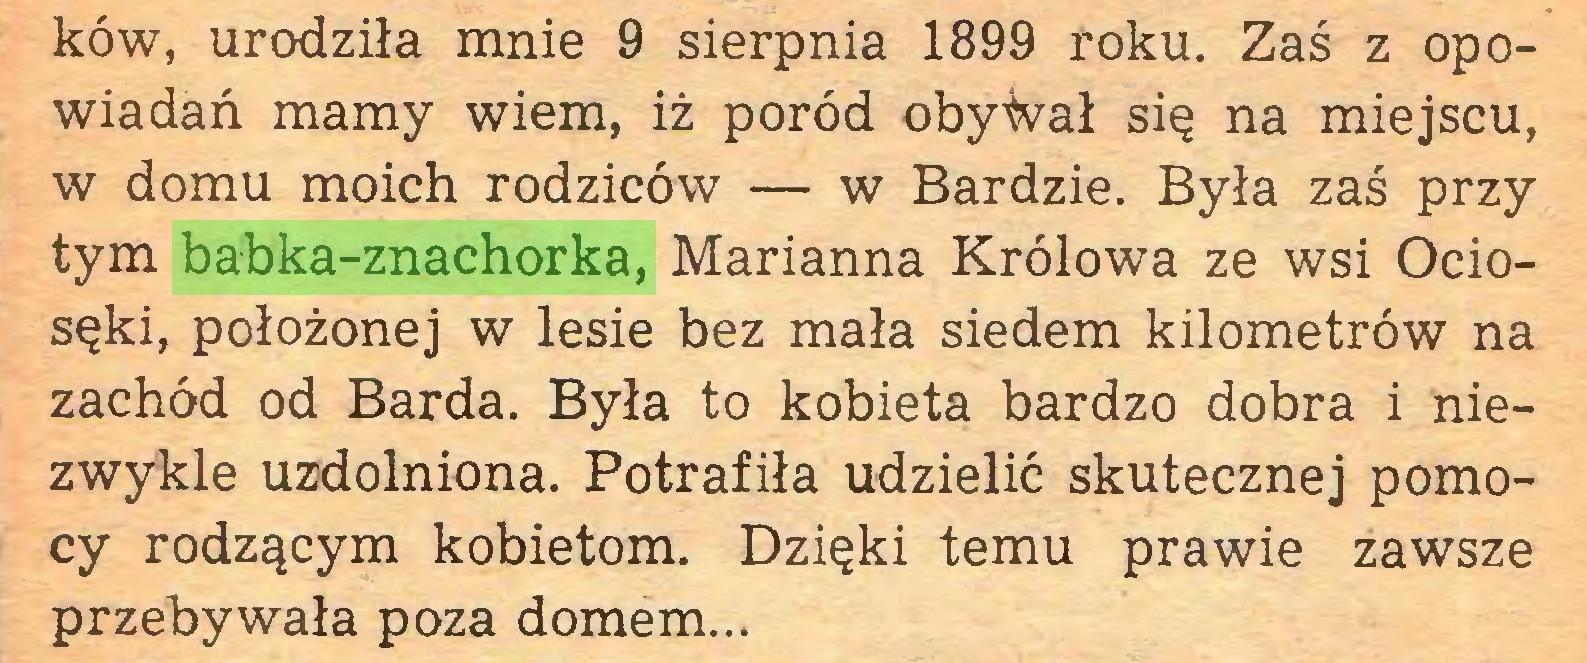 (...) ków, urodziła mnie 9 sierpnia 1899 roku. Zaś z opowiadań mamy wiem, iż poród obywał się na miejscu, w domu moich rodziców — w Bardzie. Była zaś przy tym babka-znachorka, Marianna Królowa ze wsi Ociosęki, położonej w lesie bez mała siedem kilometrów na zachód od Barda. Była to kobieta bardzo dobra i niezwykle uzdolniona. Potrafiła udzielić skutecznej pomocy rodzącym kobietom. Dzięki temu prawie zawsze przebywała poza domem...